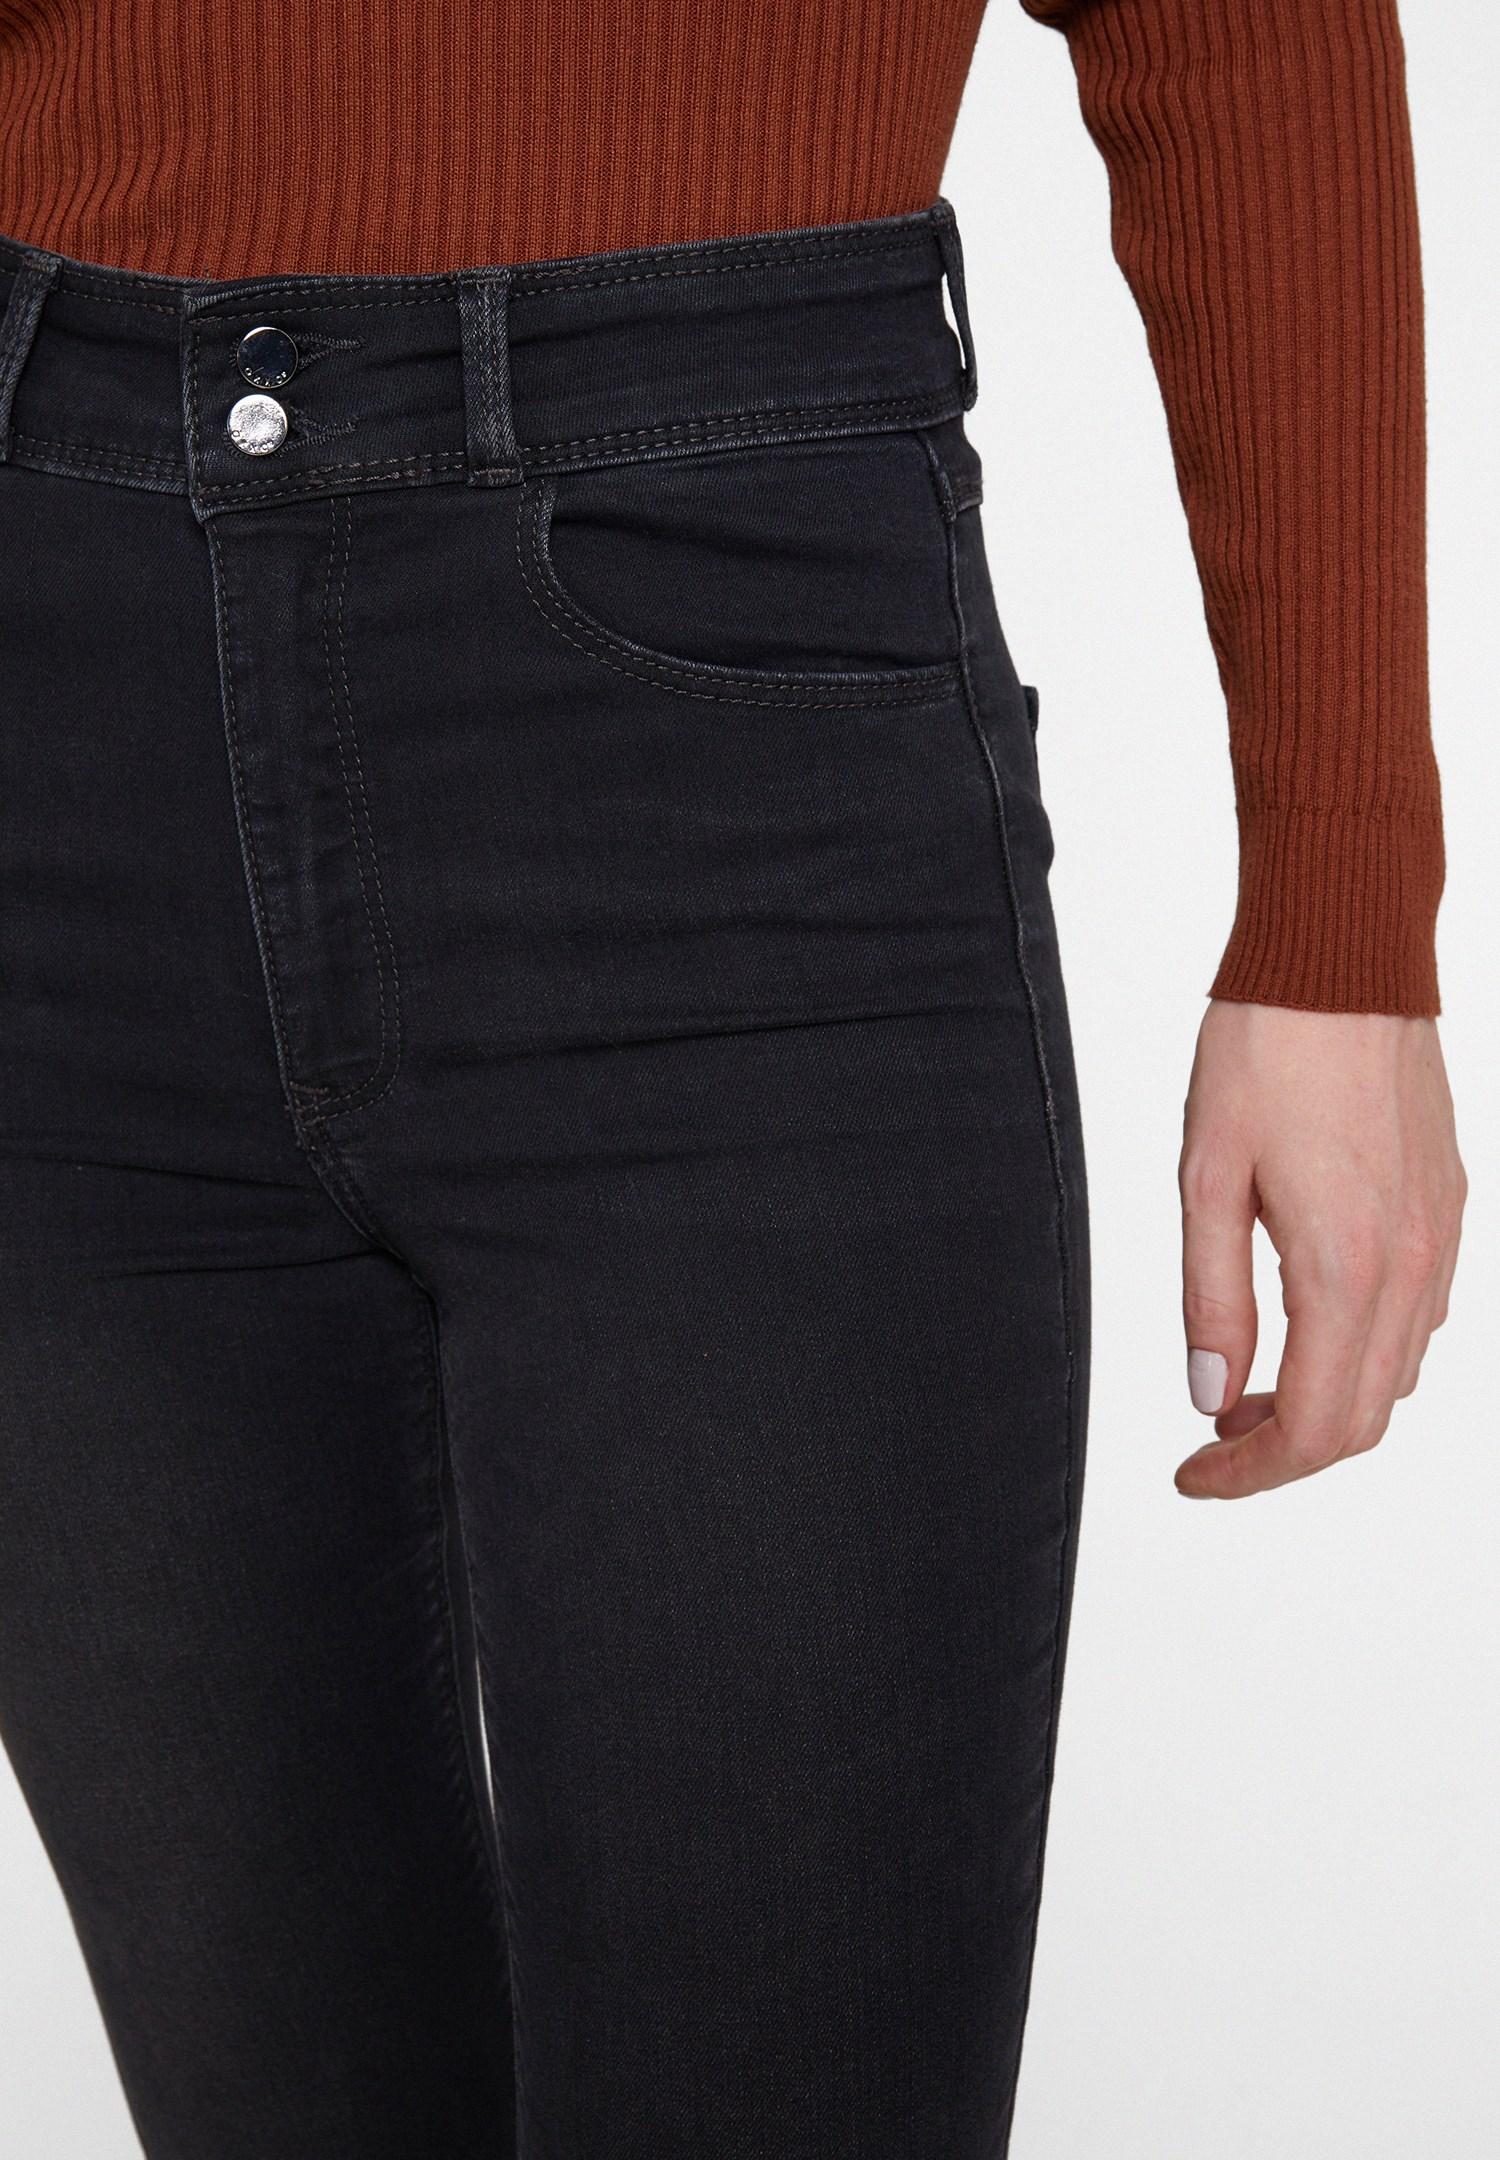 Bayan Gri Yüksek Bel Dar Paça Detaylı Çift Düğmeli Pantolon